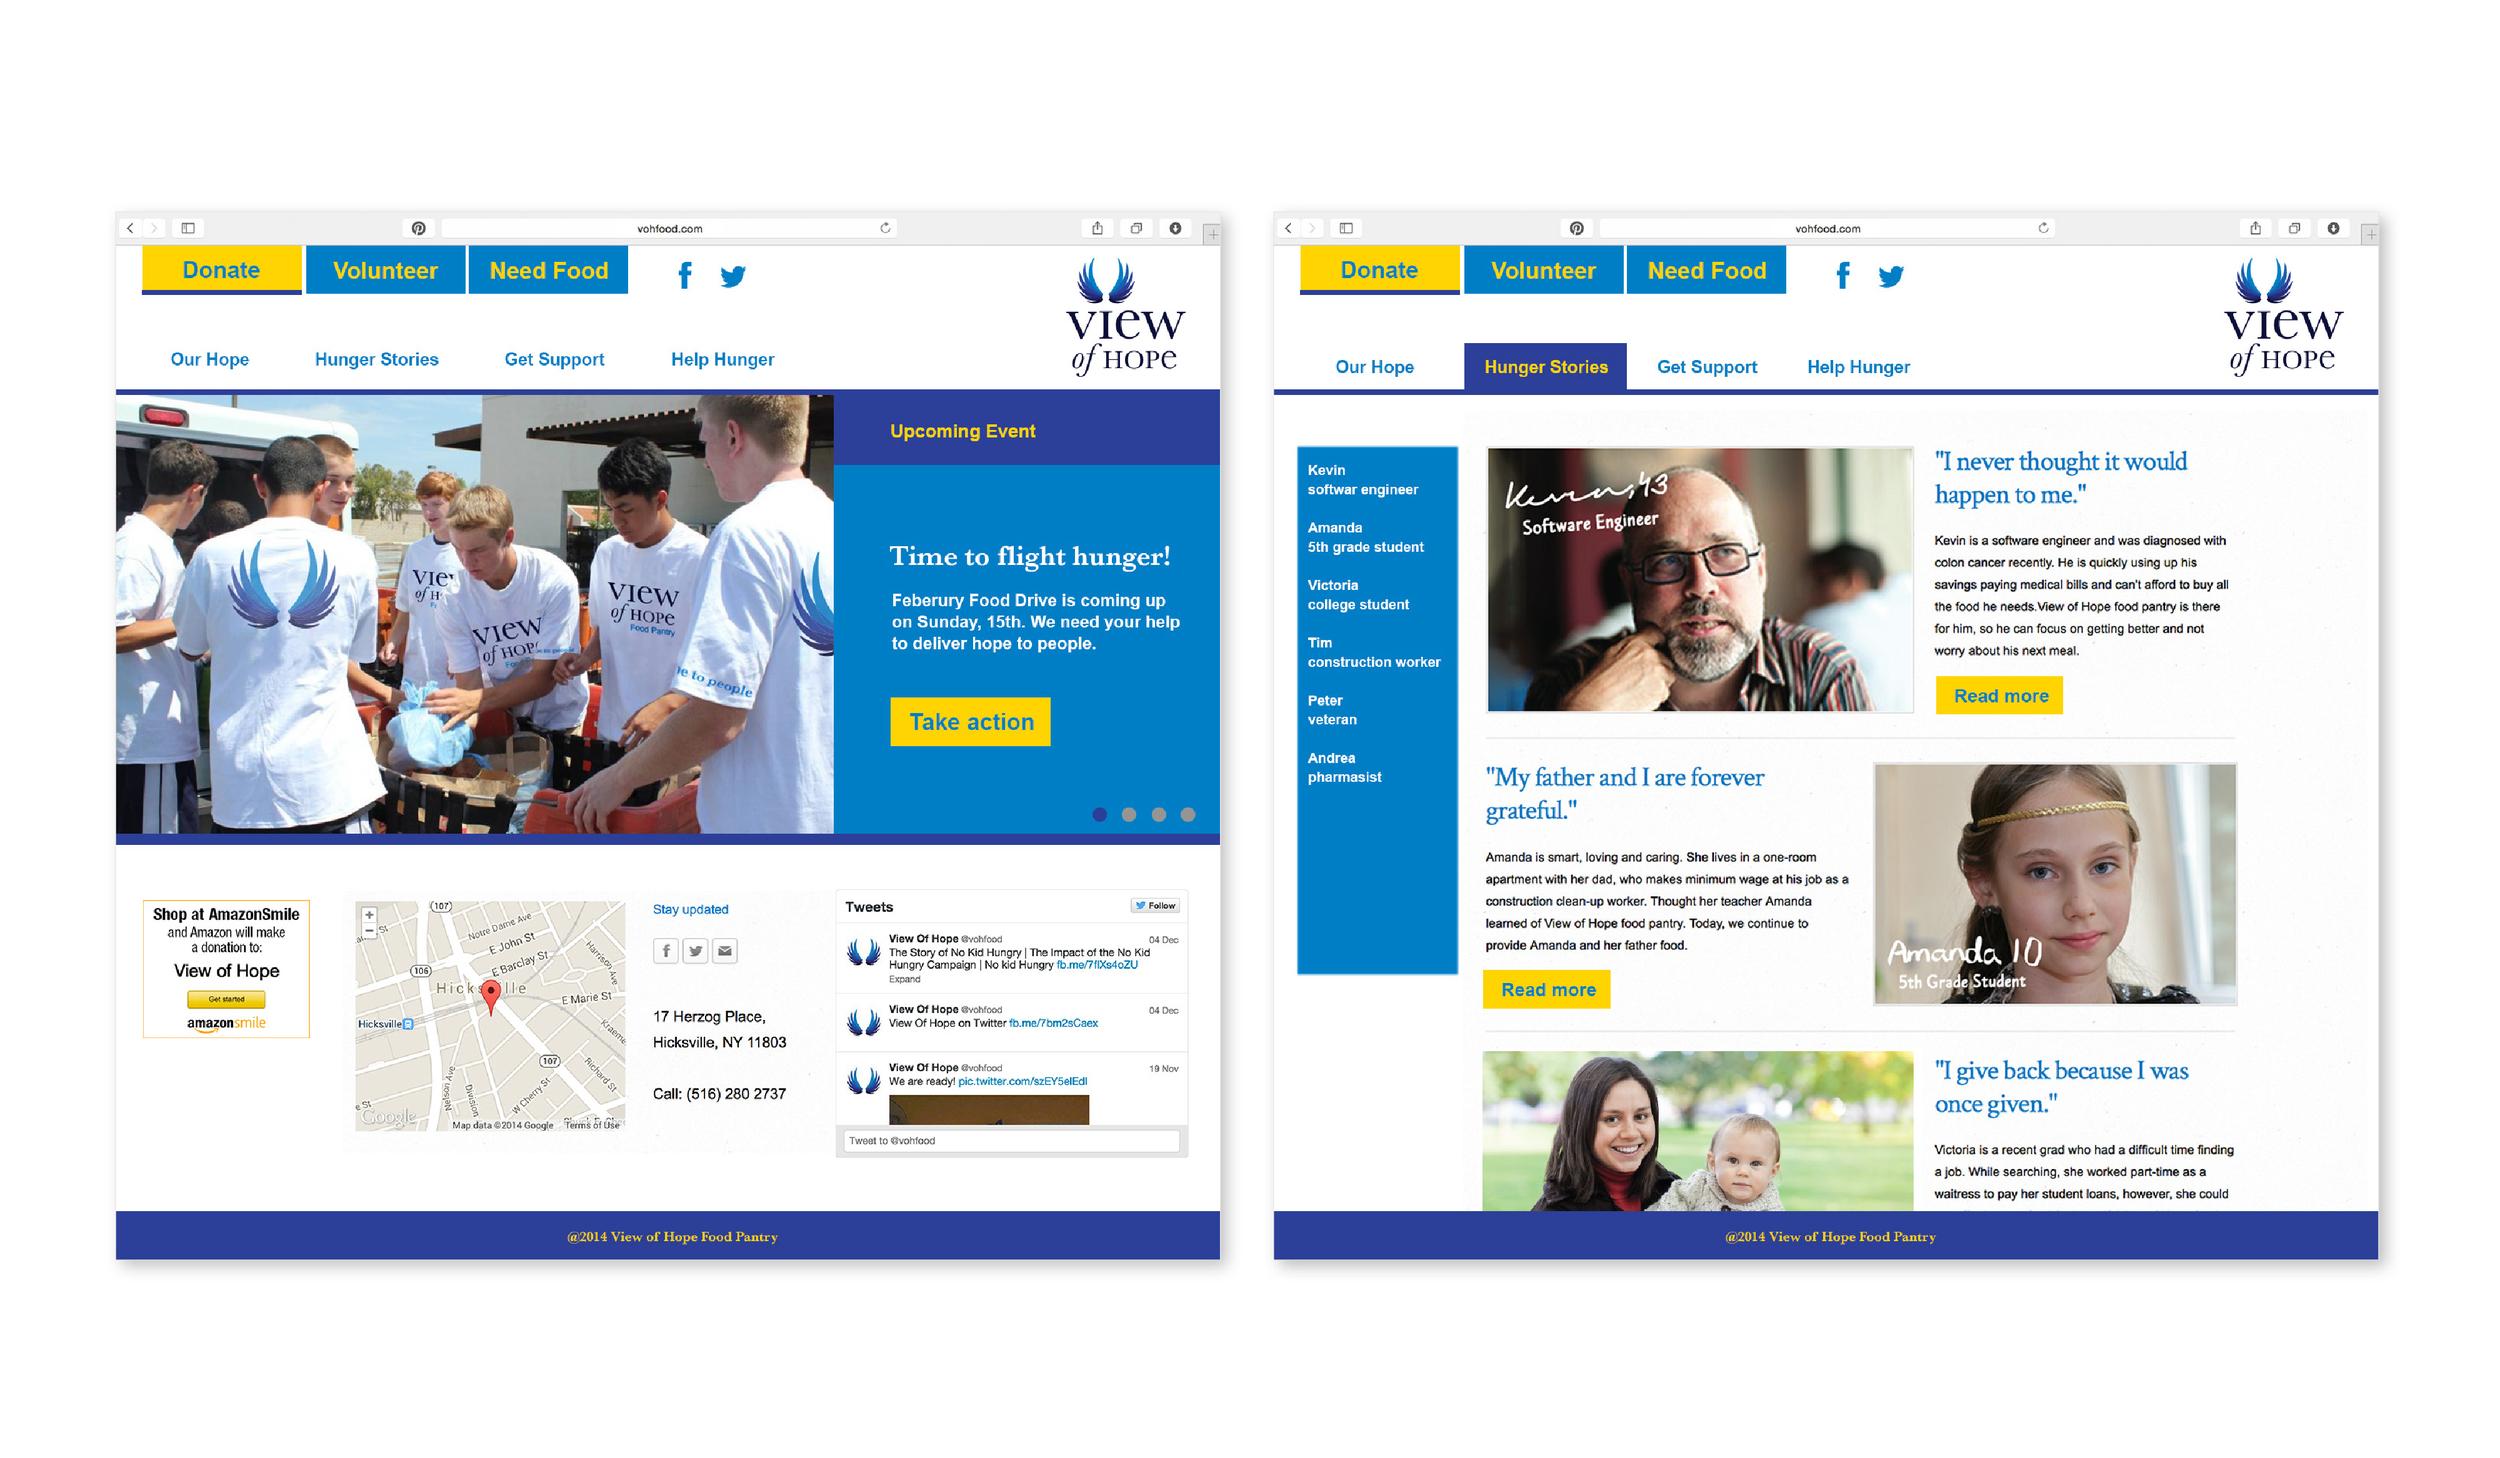 voh_website_pages.jpg